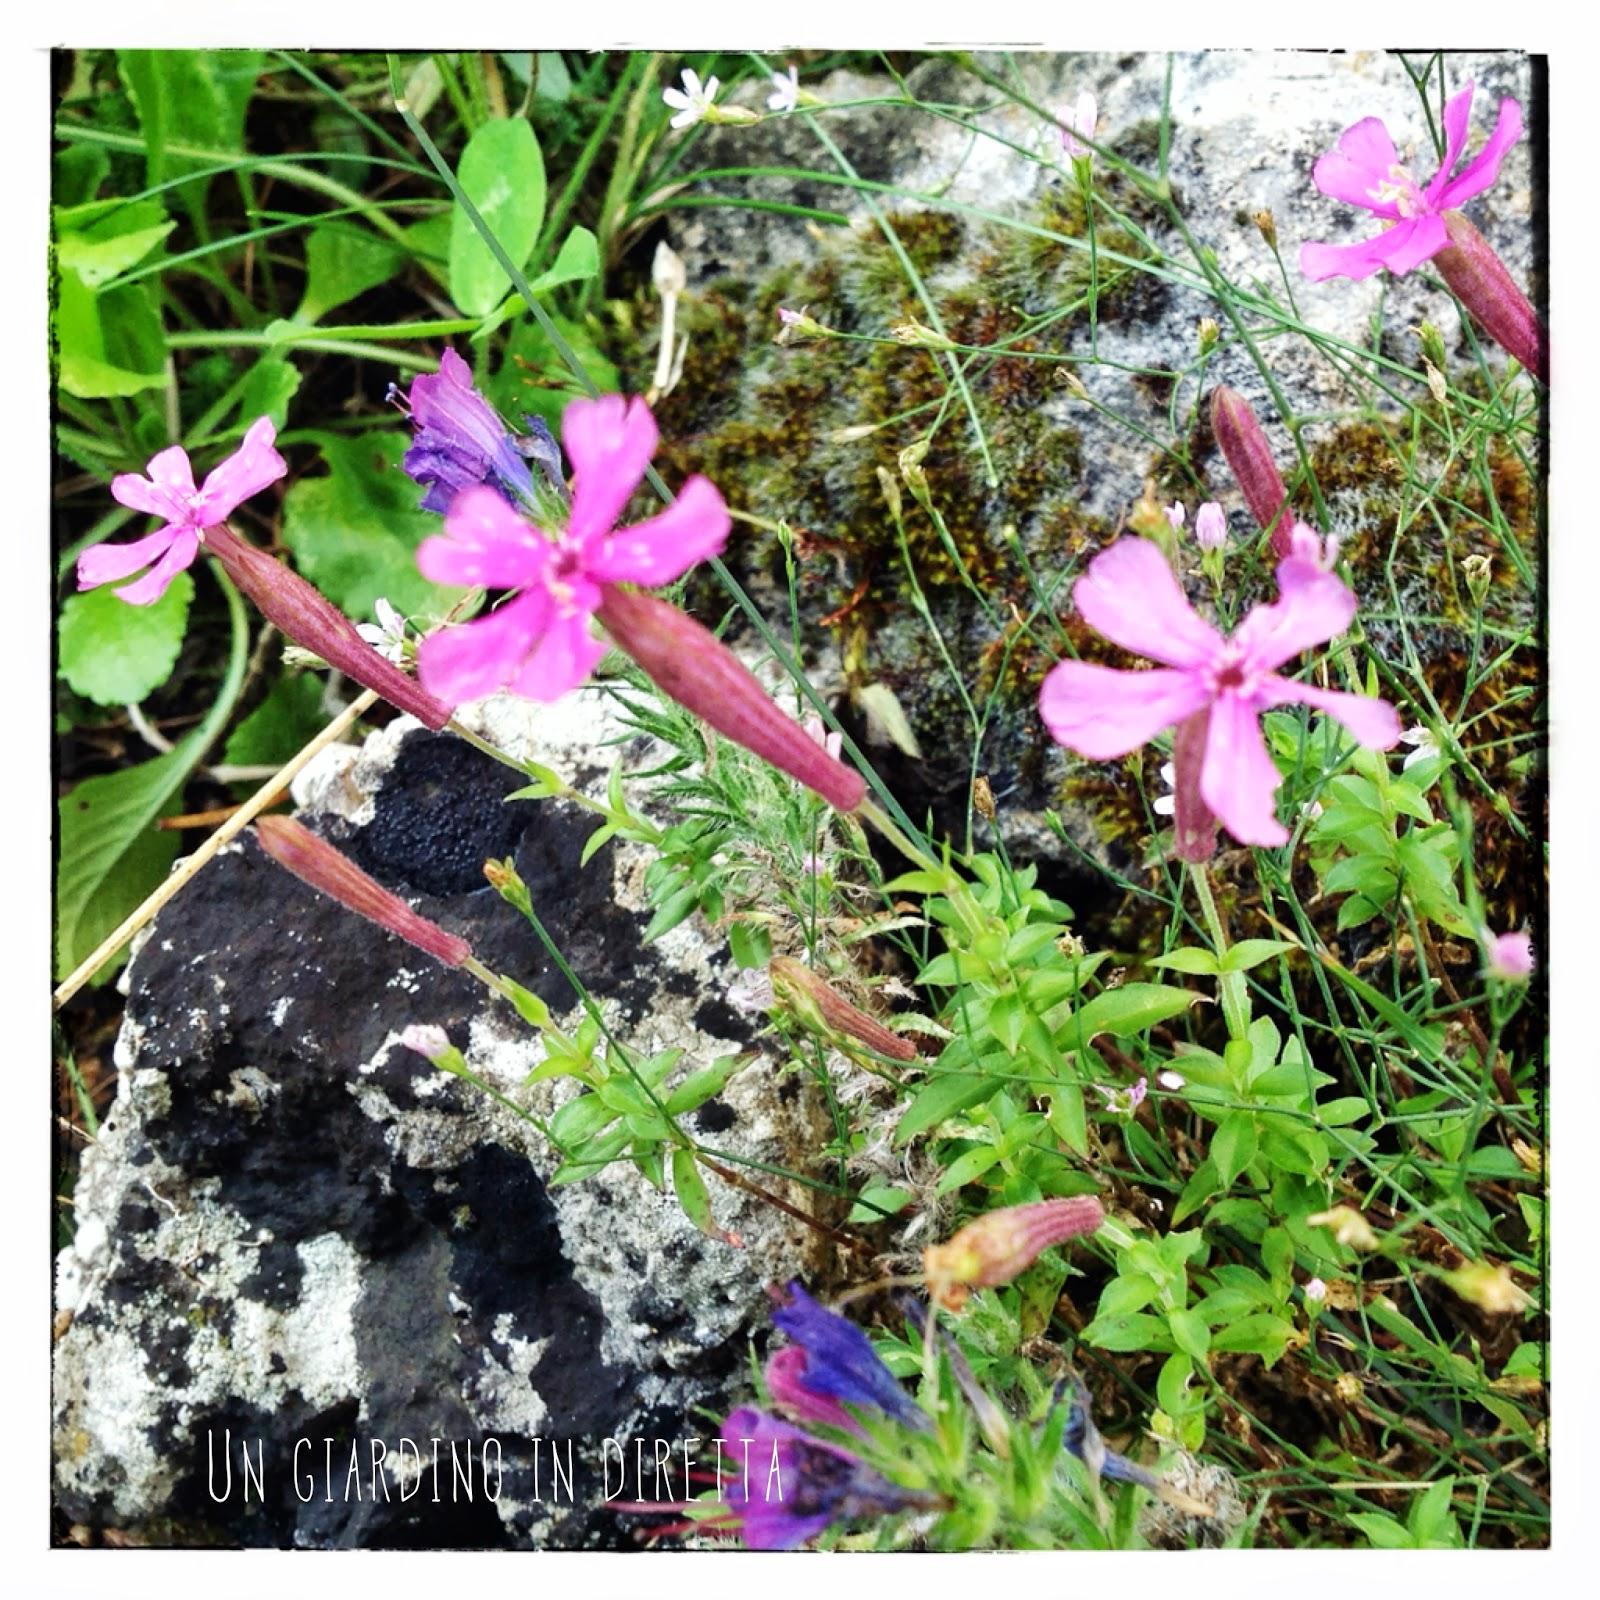 Fiori di montagna giardinoindiretta un giardino in diretta - Giardini di montagna ...